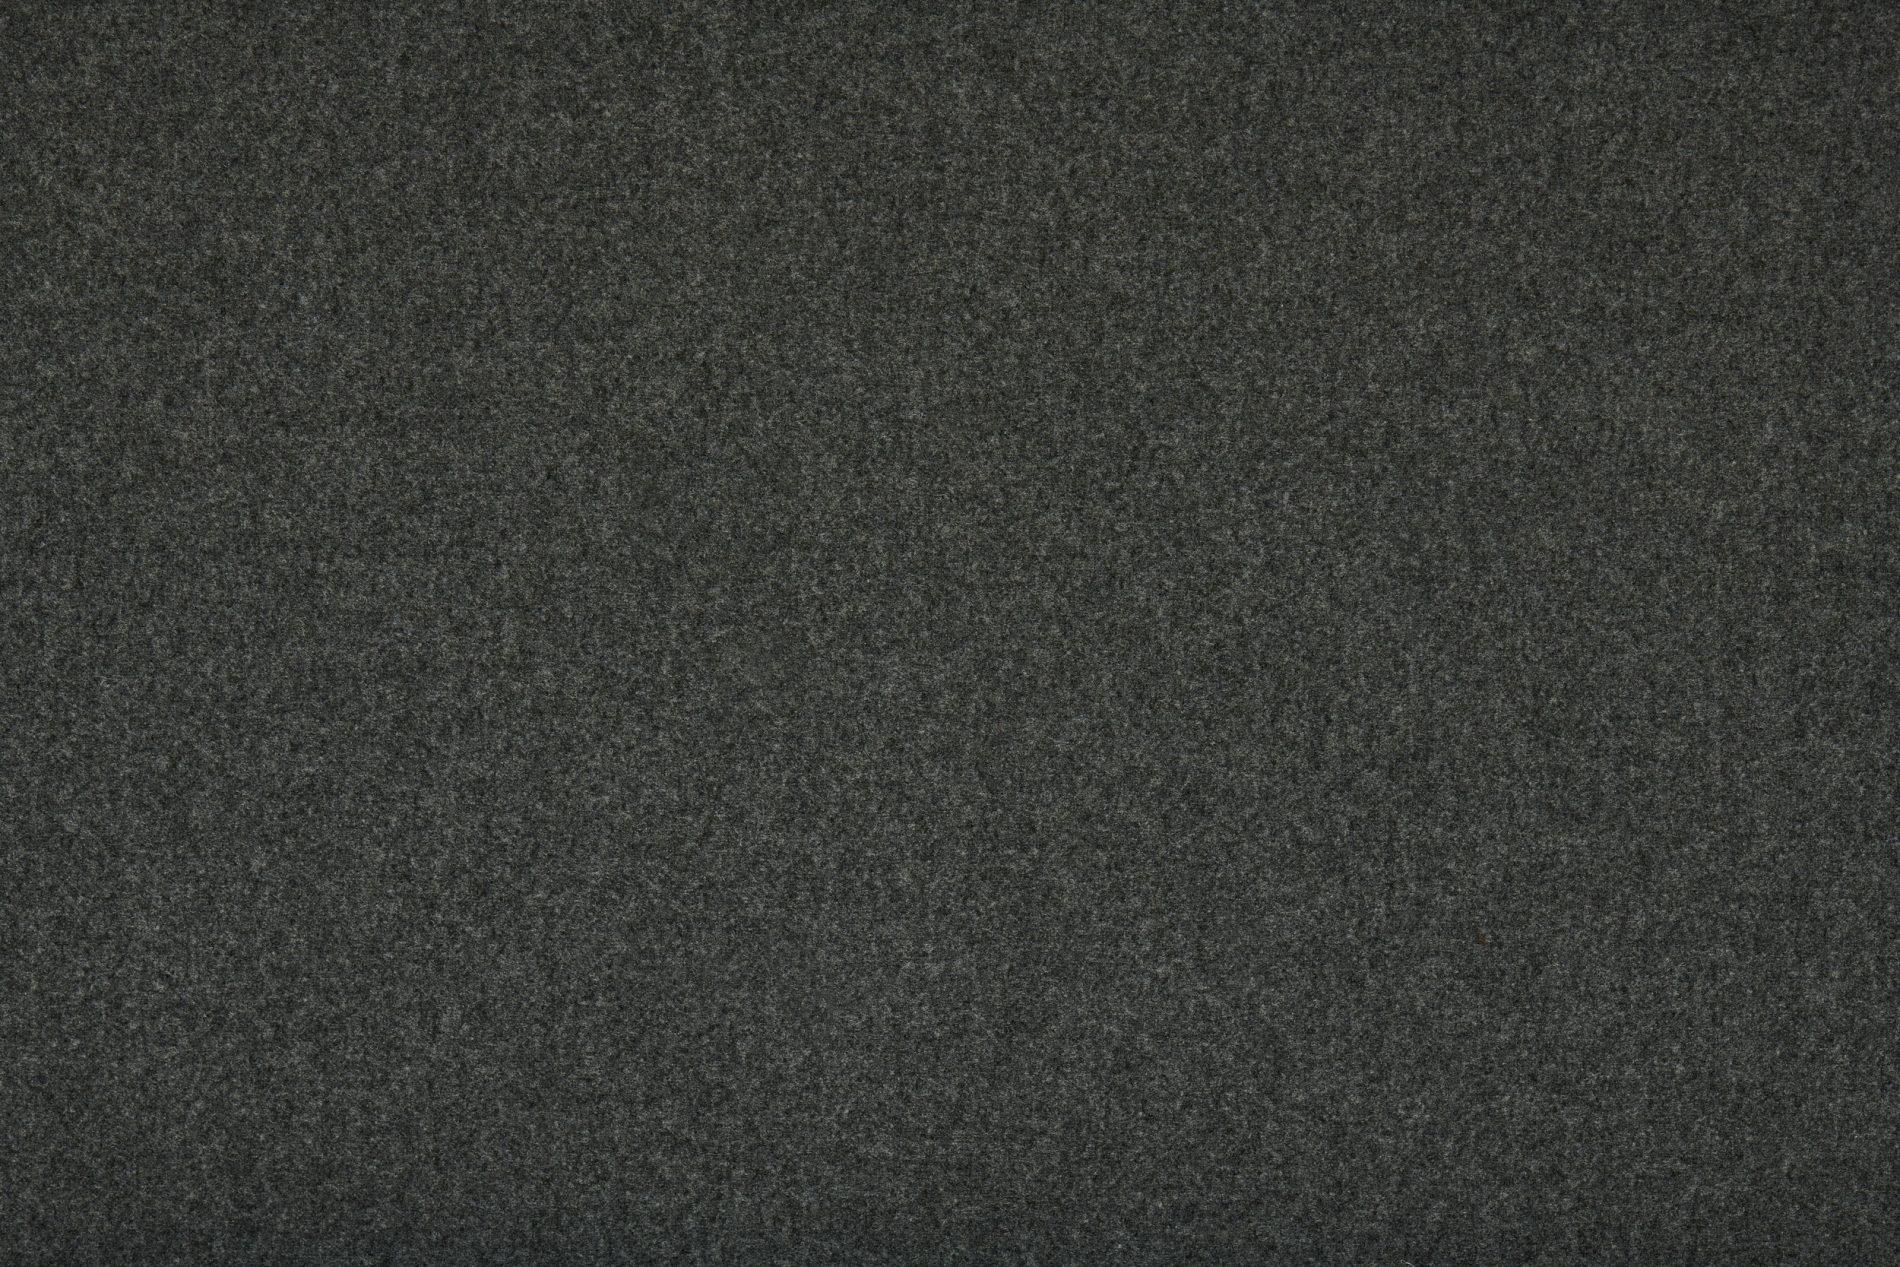 PURE 540 Merinotuch (16/3016)